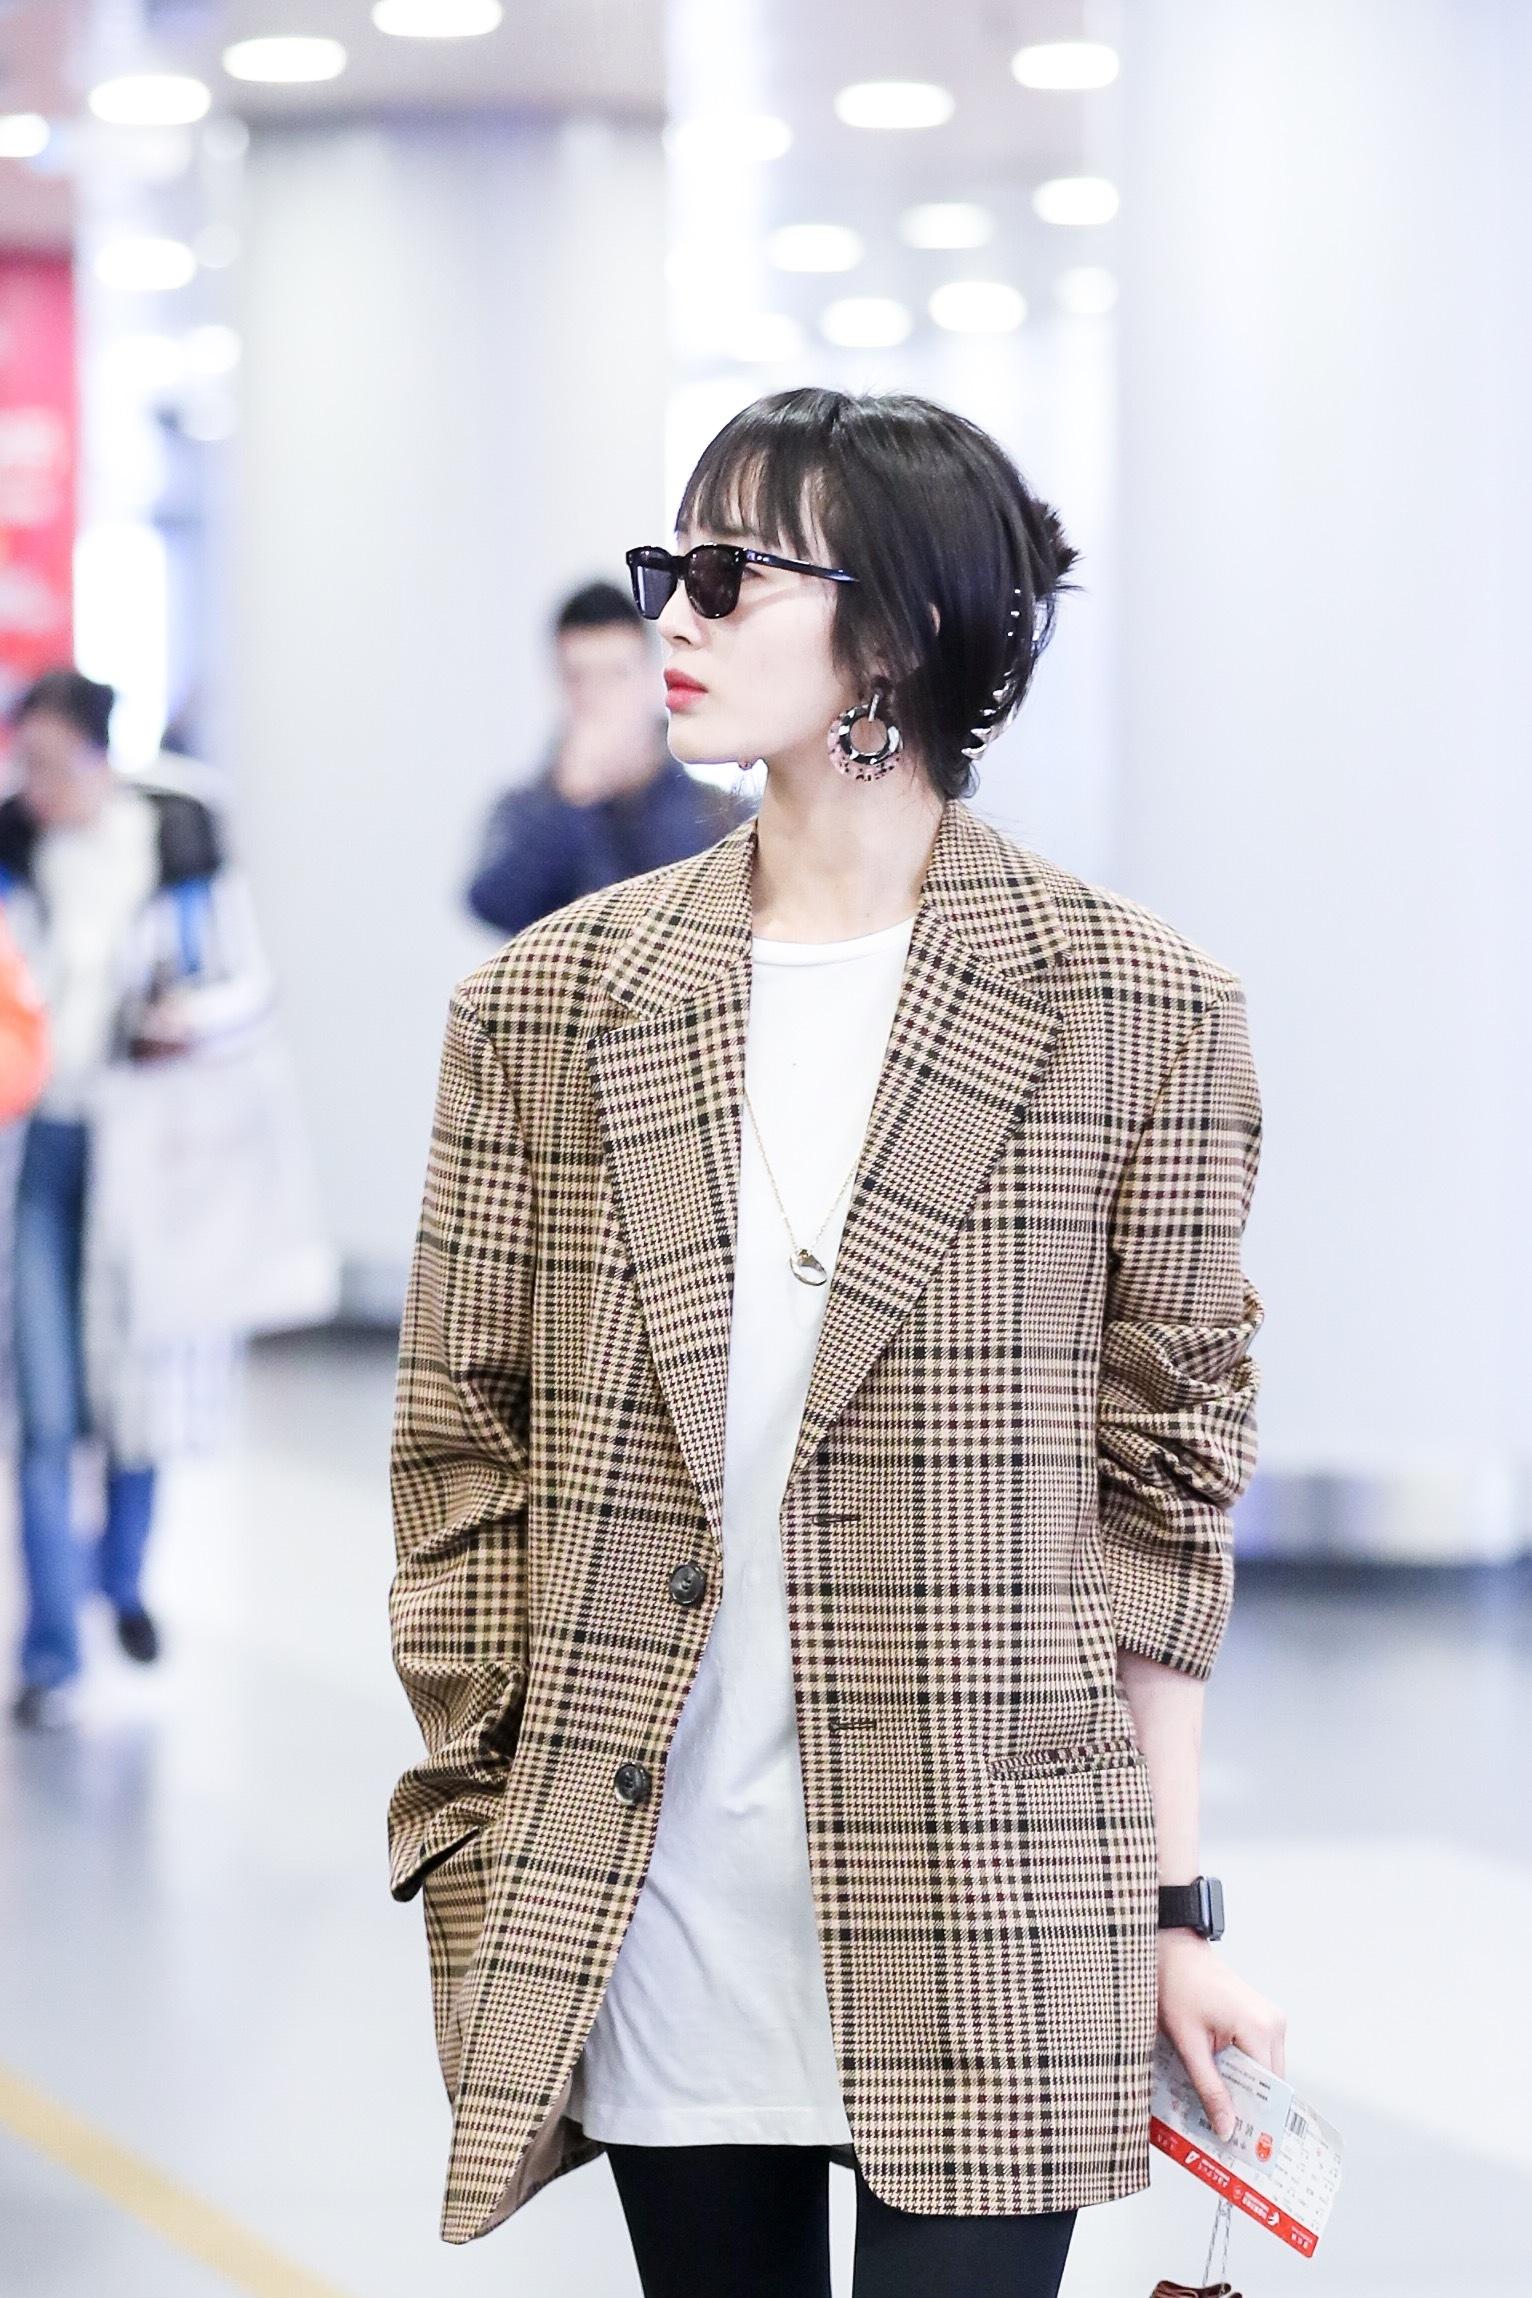 王紫璇现身机场新发型亮眼 格纹西装英伦帅气